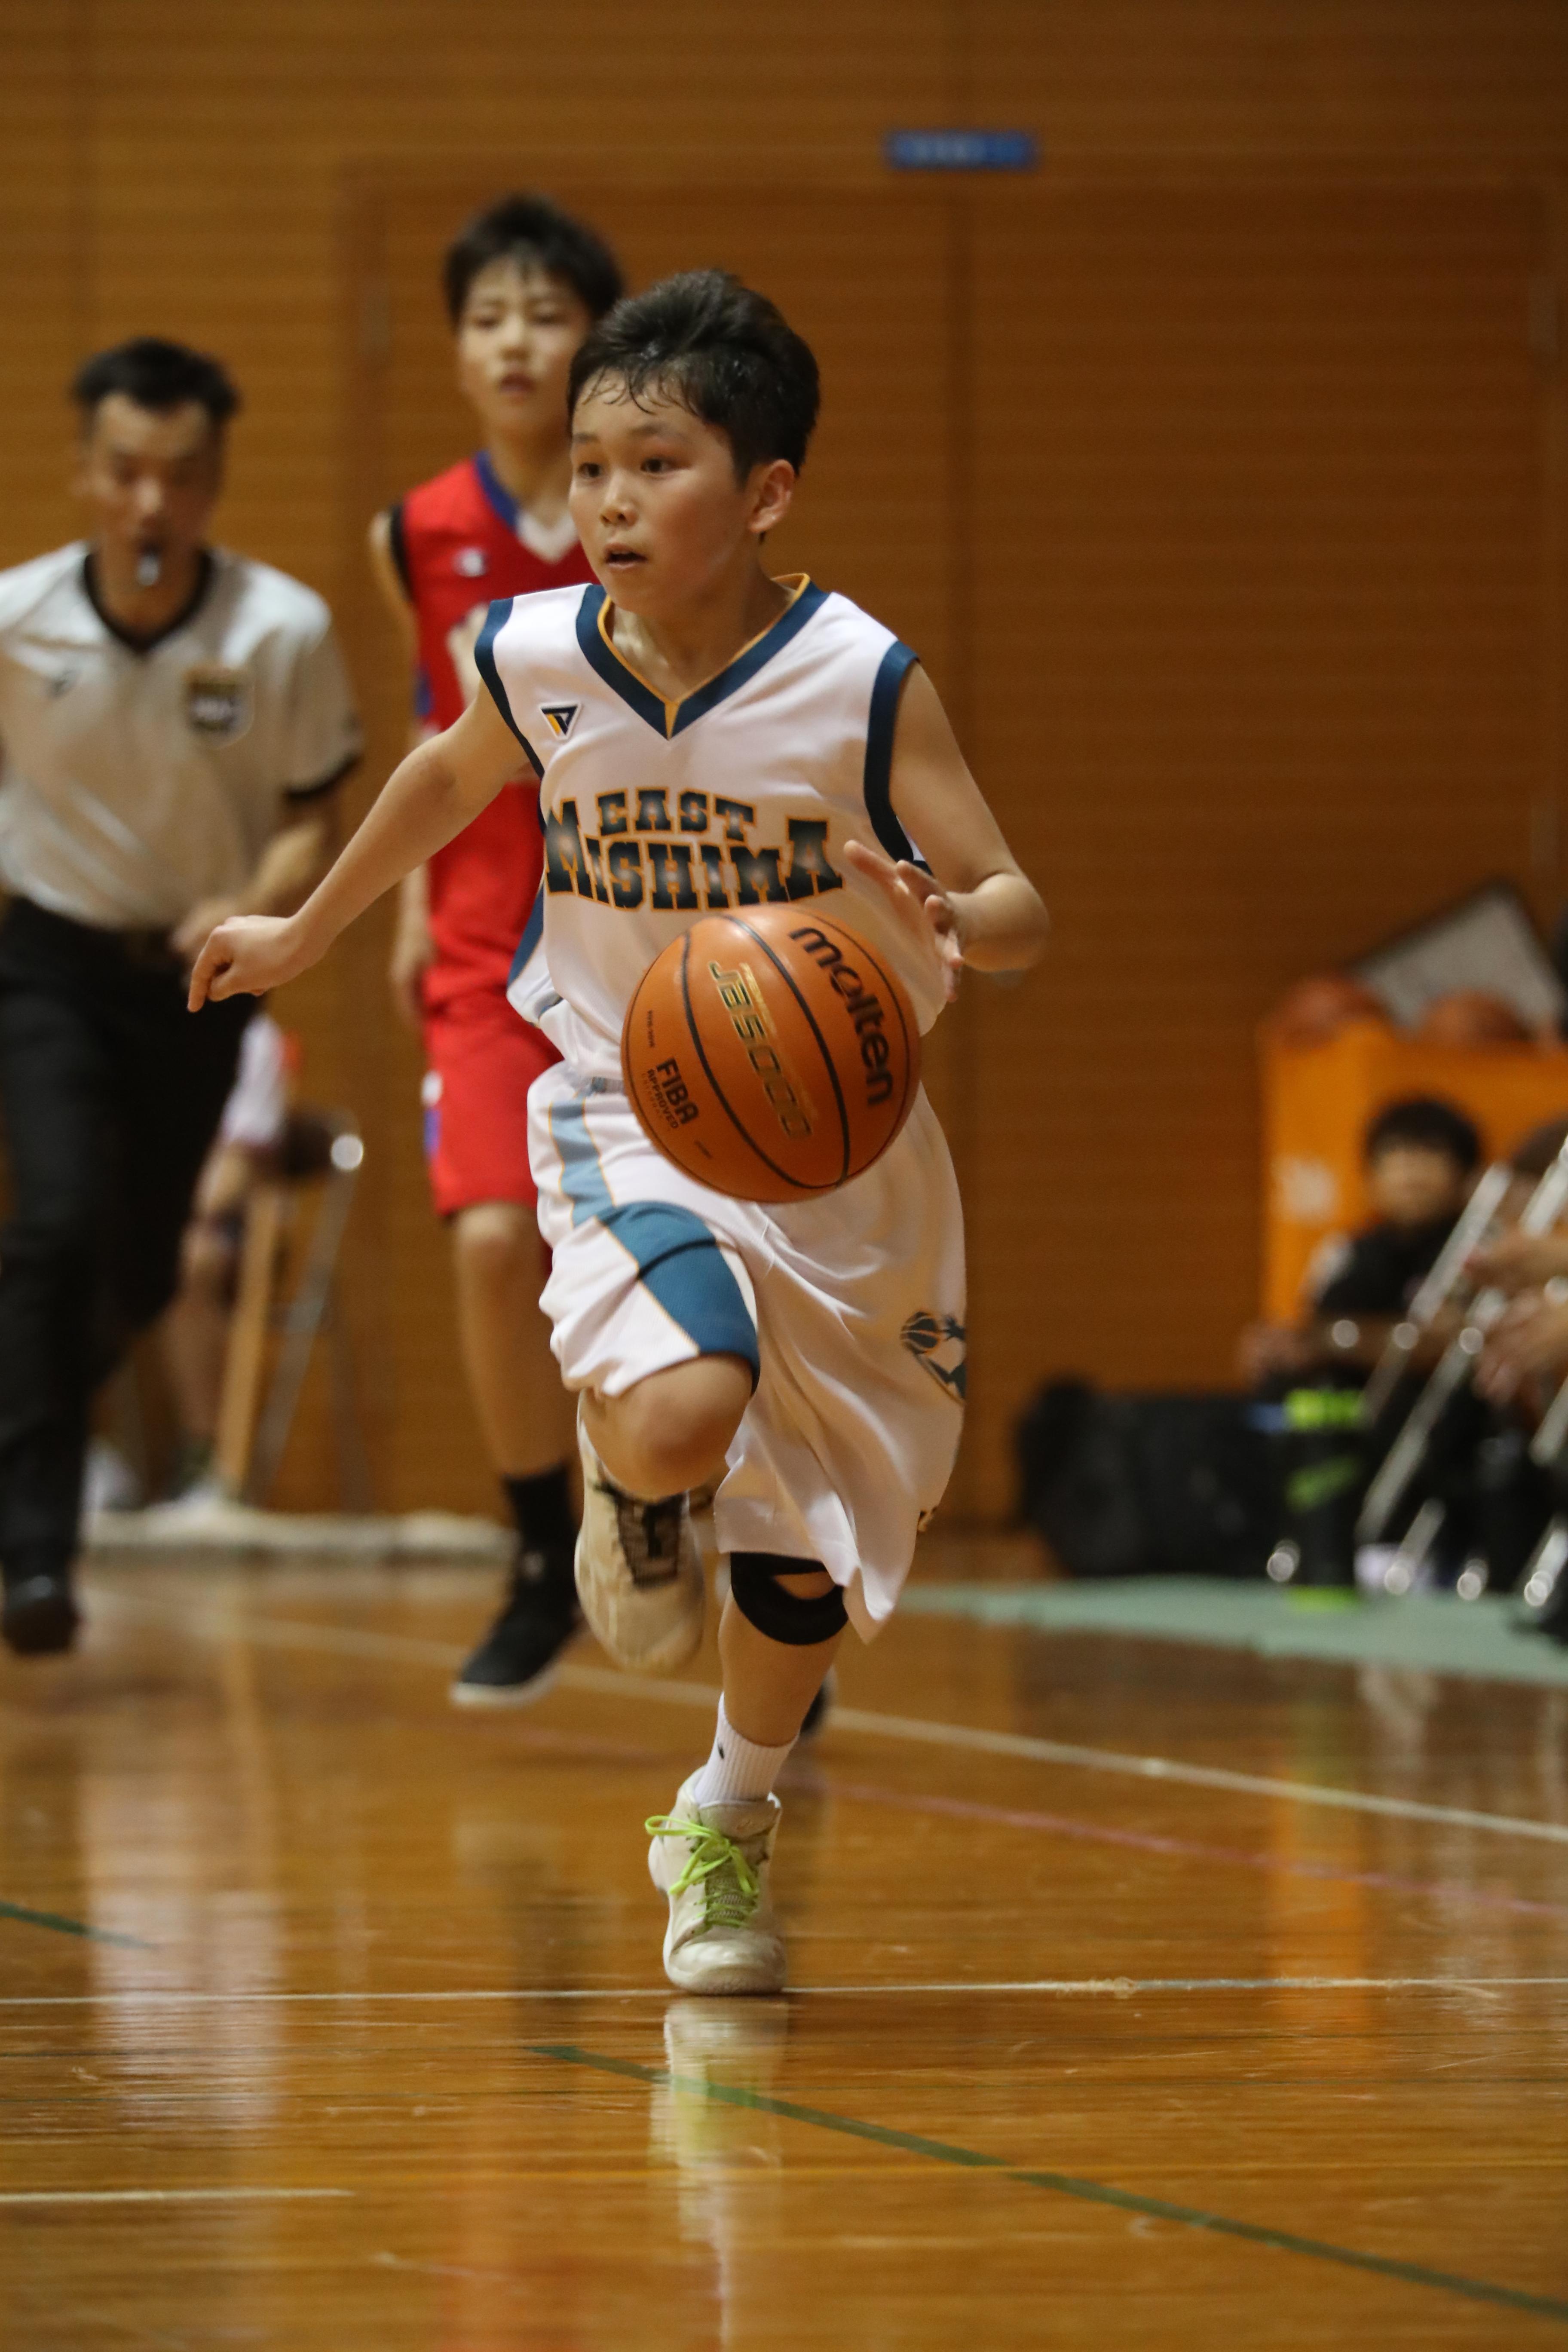 バスケット (48)